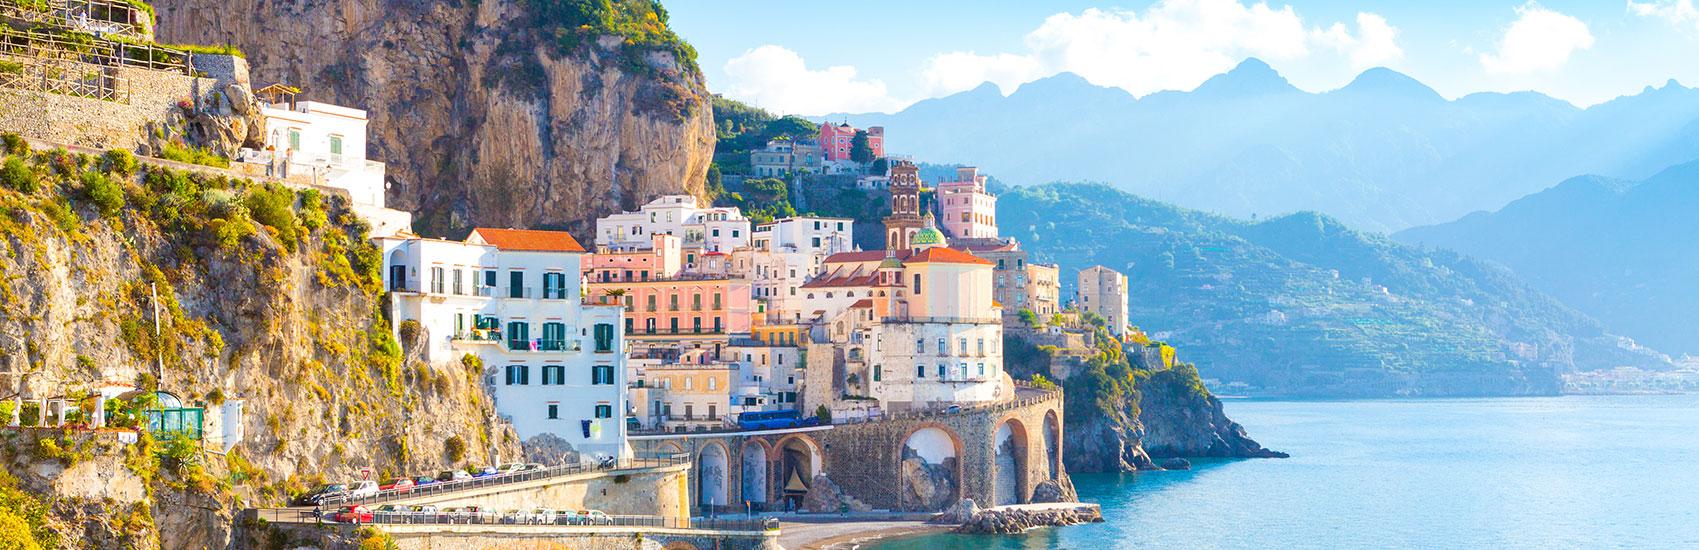 Sorrento, Amalfi Coast and Rome! 1